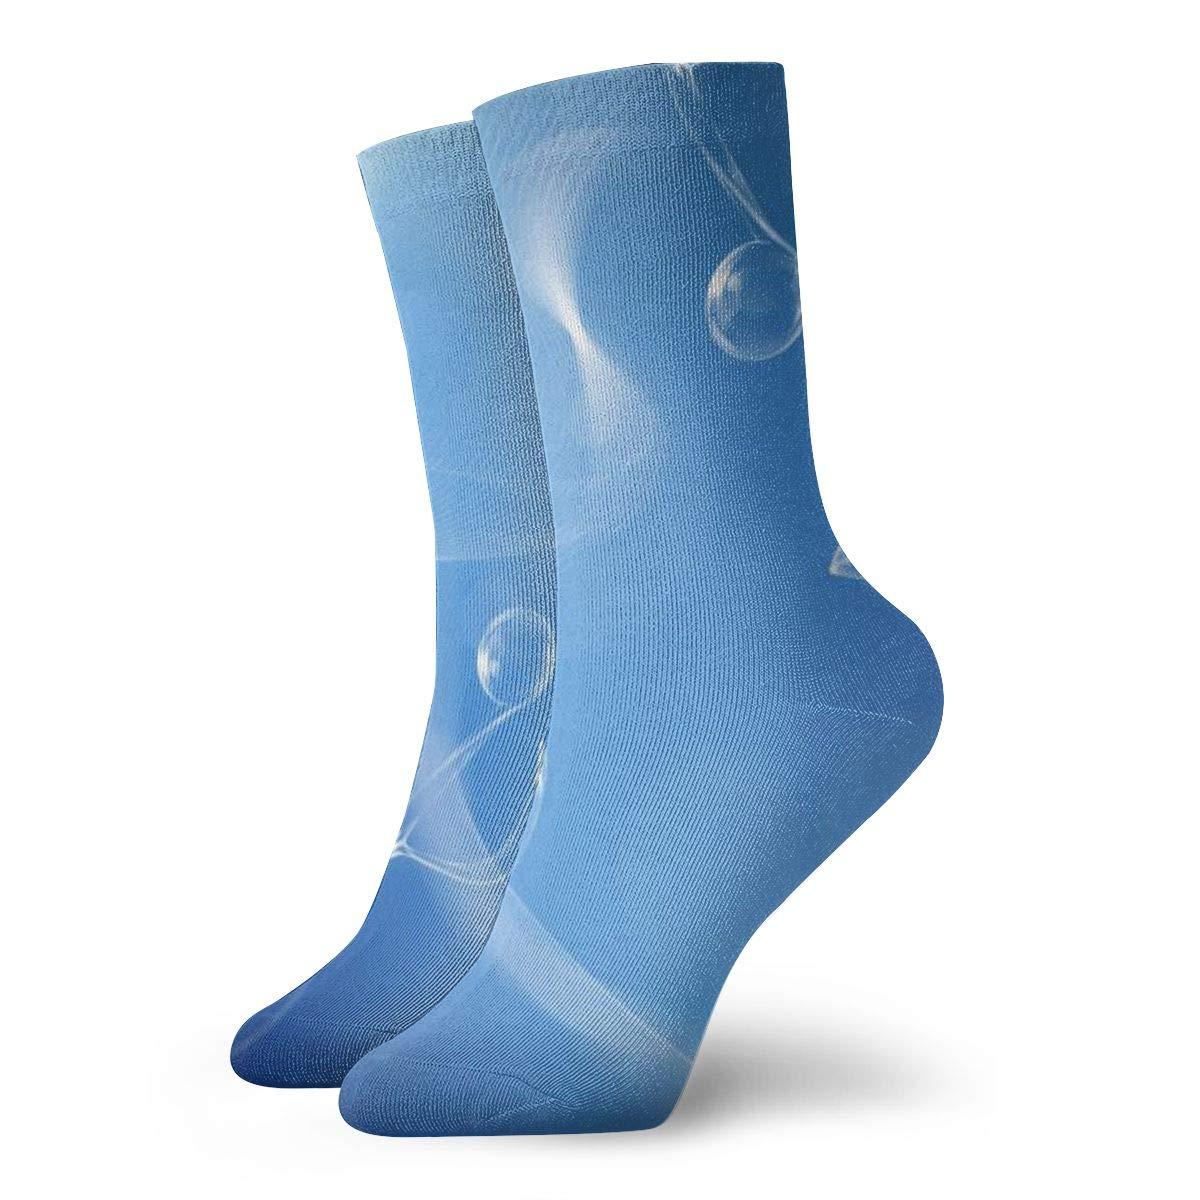 Blue Music Novelty Crew Socks For Ladies Cotton Socks